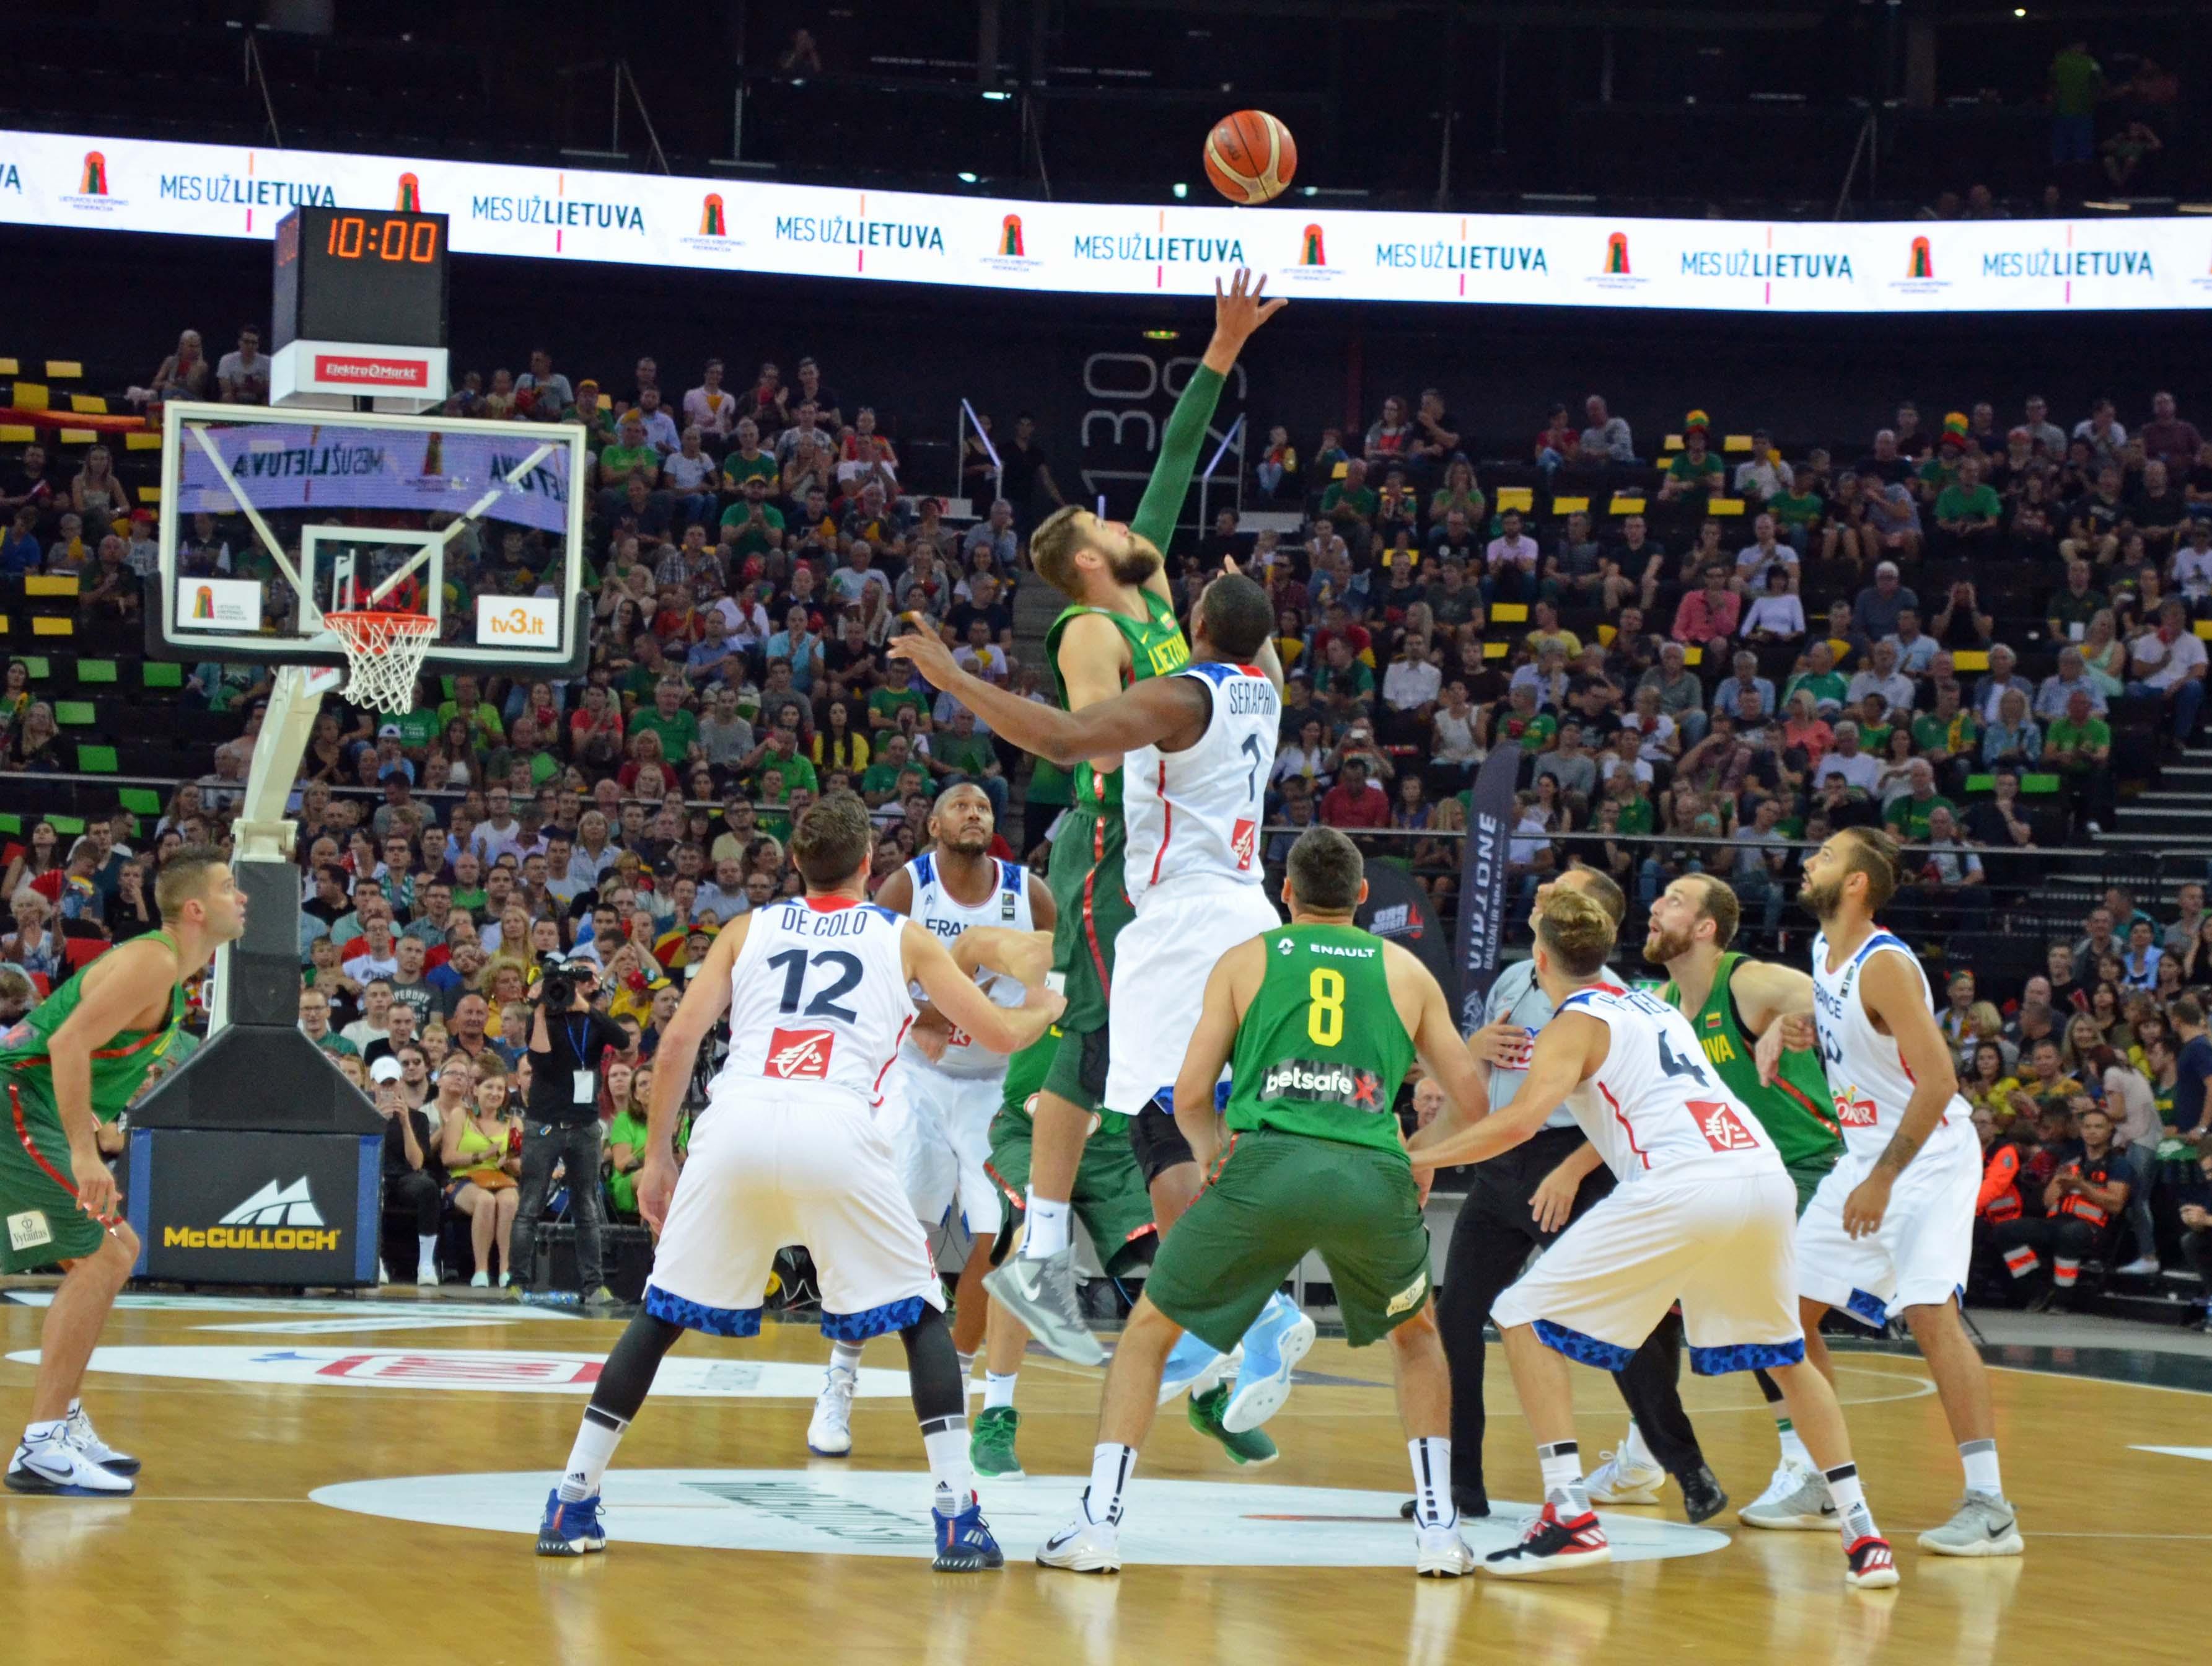 La Lituanie a pris sa revanche ce soir à Kaunas